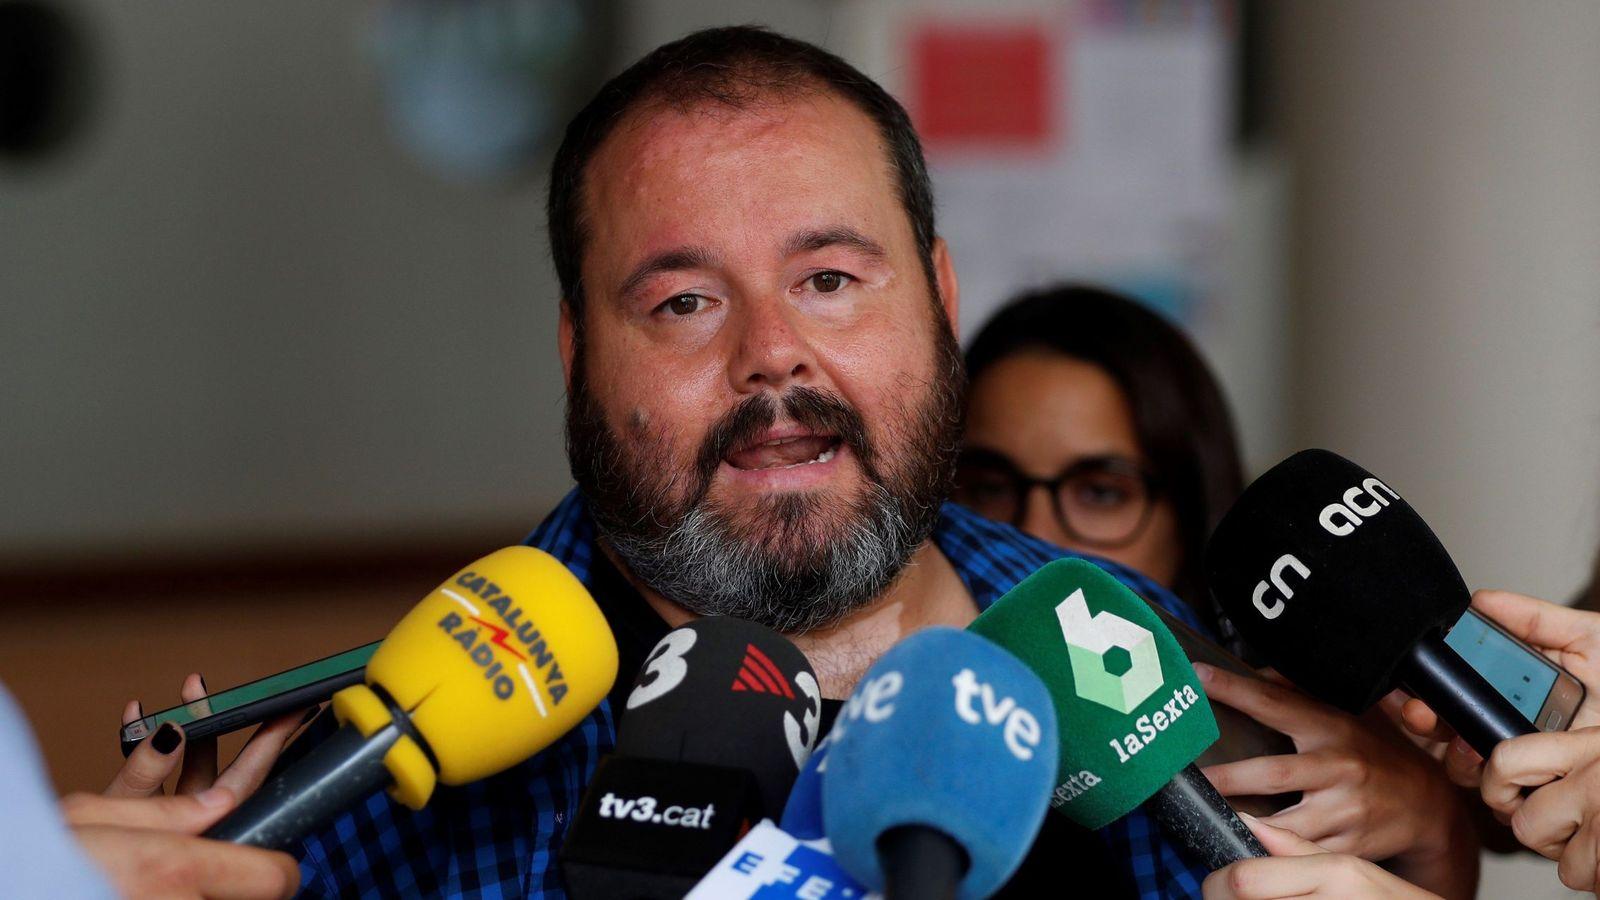 Foto: El portavoz de Catalunya en Comú, Joan Mena, atiende a los medios durante el Consell Nacional de su formación. (EFE)